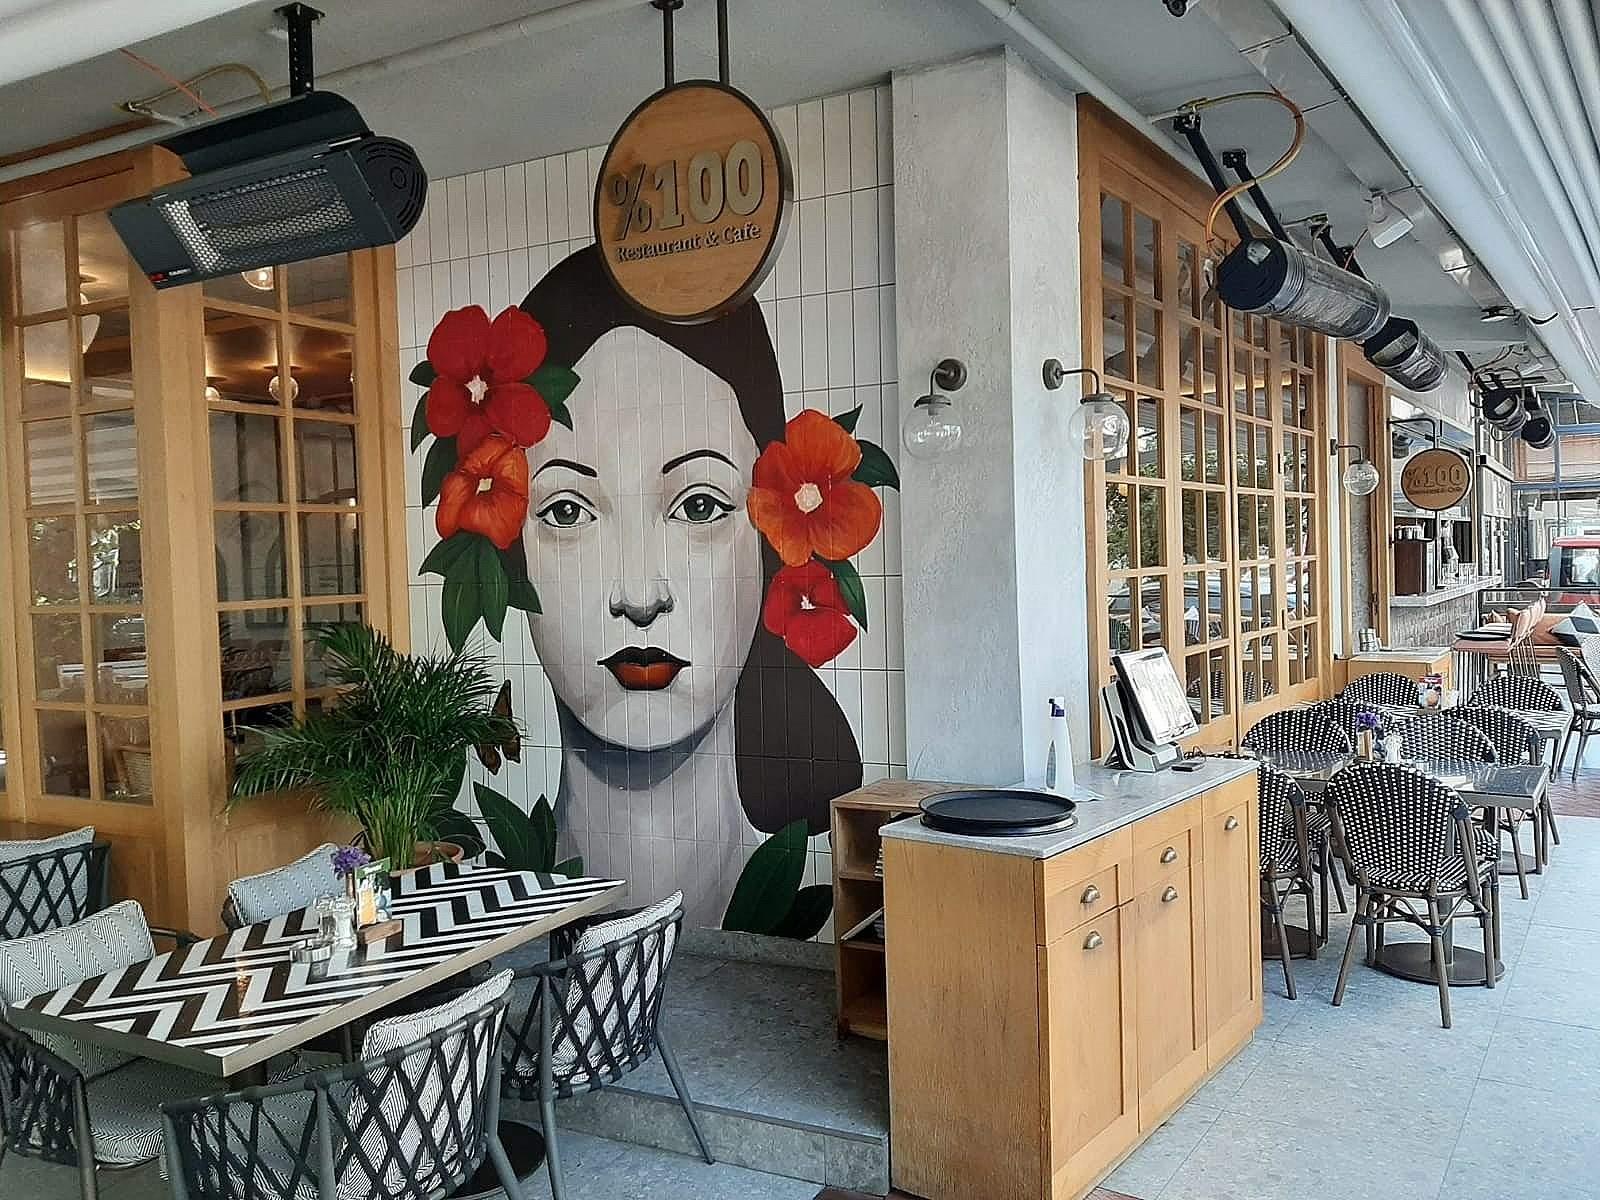 %100 Rest. Cafe & More / Alsancak Yeni Proje